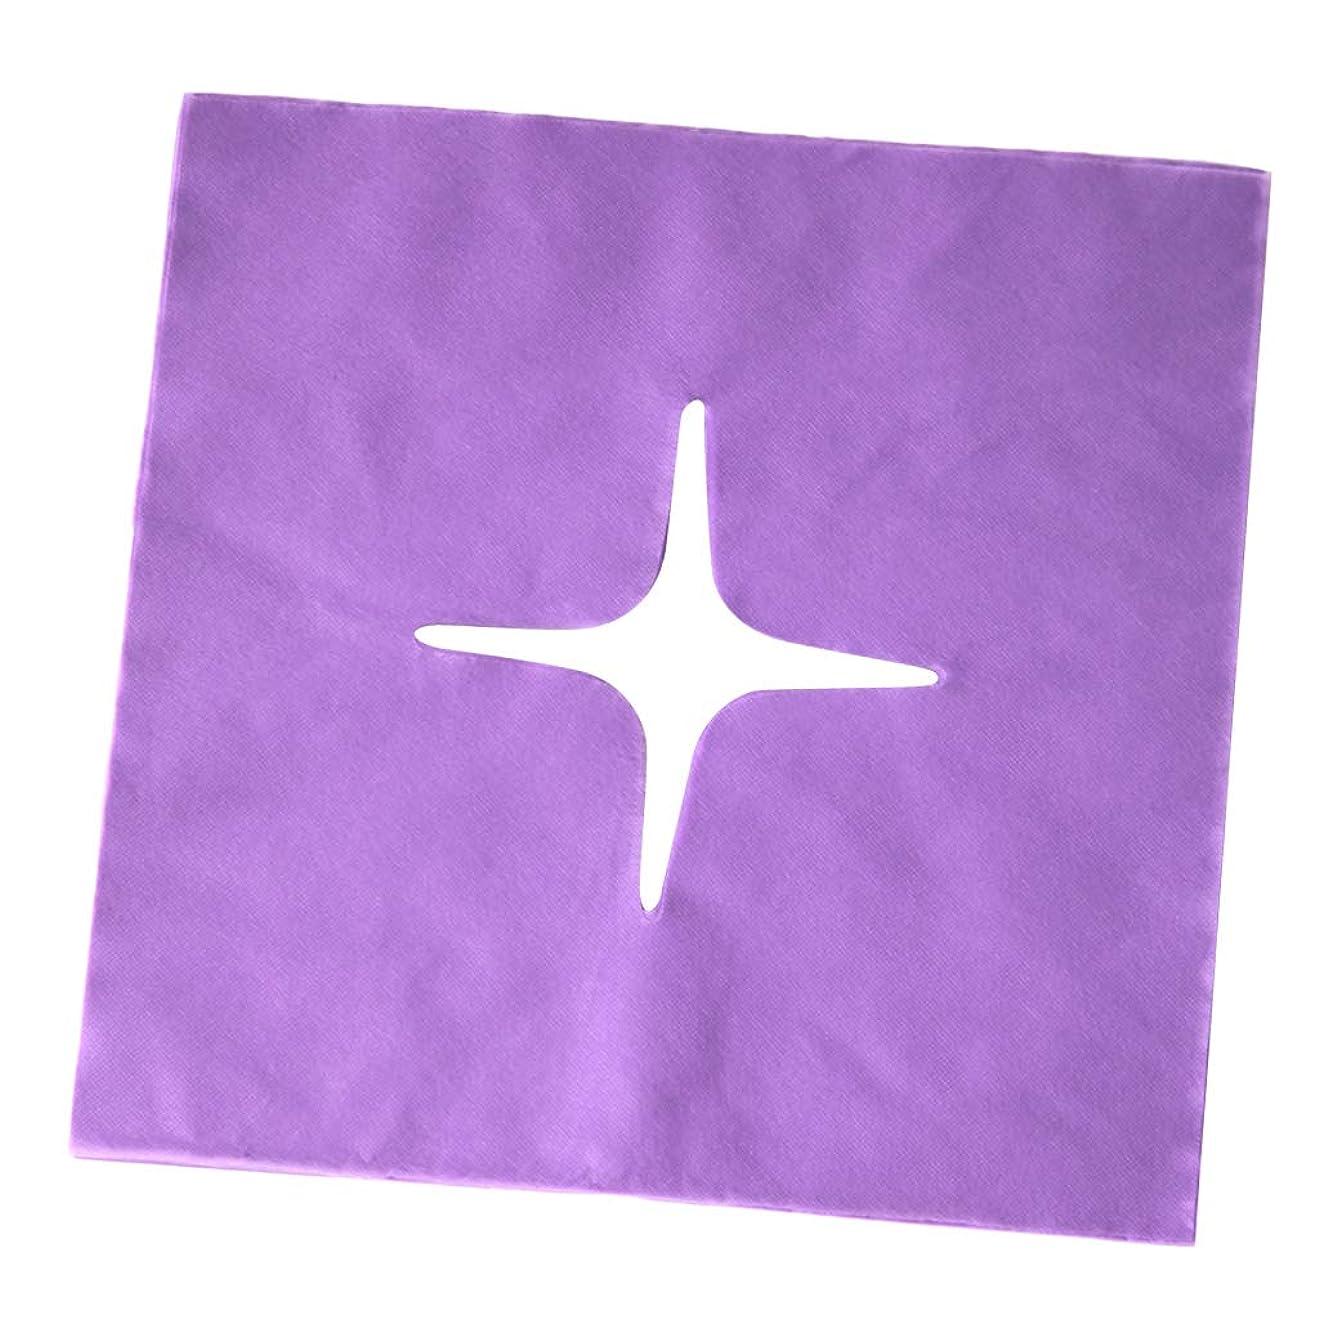 商品内陸微妙chiwanji マッサージ フェイスクレードルカバー スパ用 美容院 ビューティーサロン マッサージサロン 全3色 - 紫の